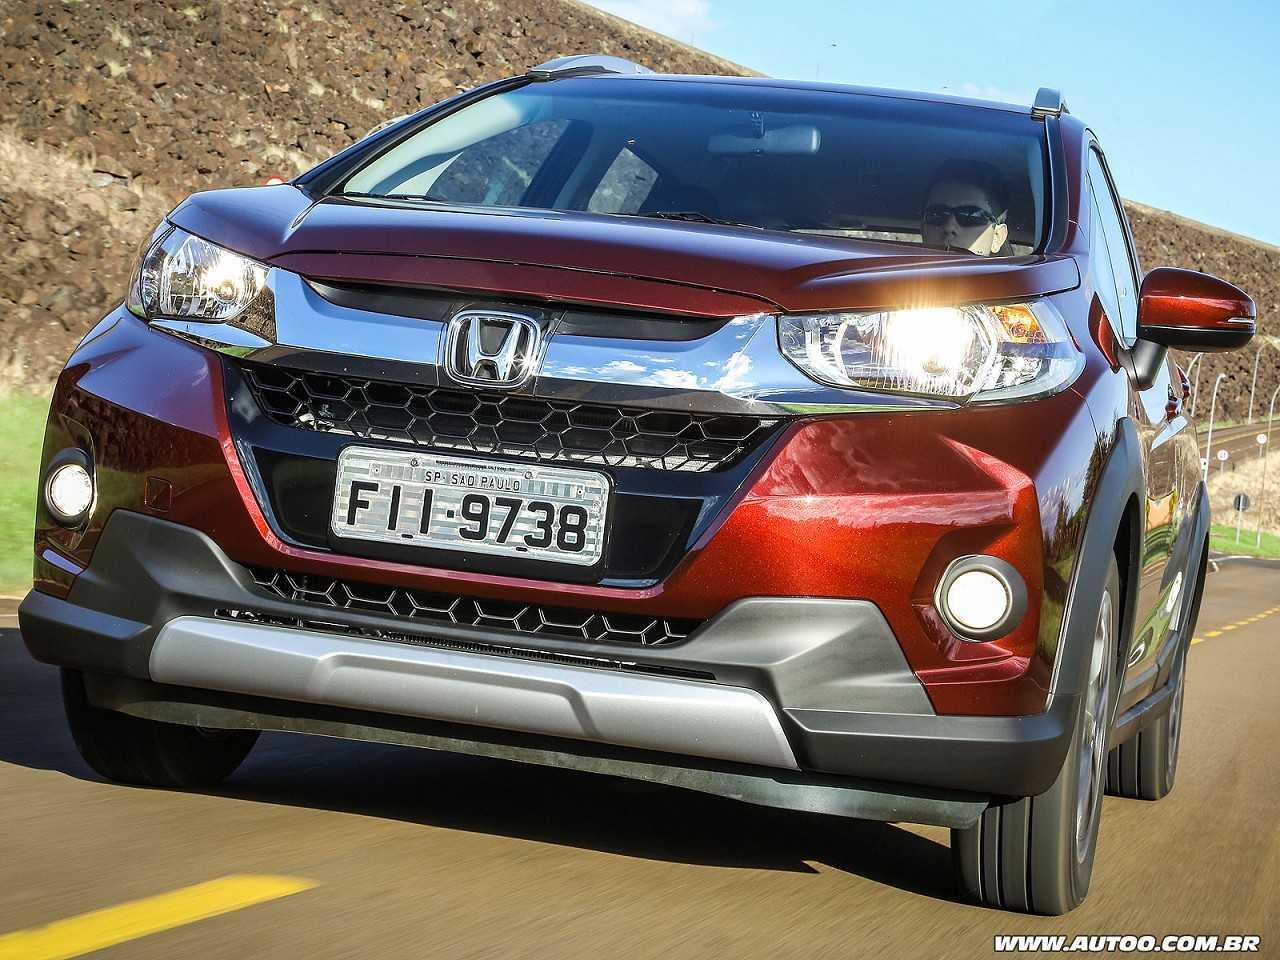 HondaWR-V 2018 - ângulo frontal